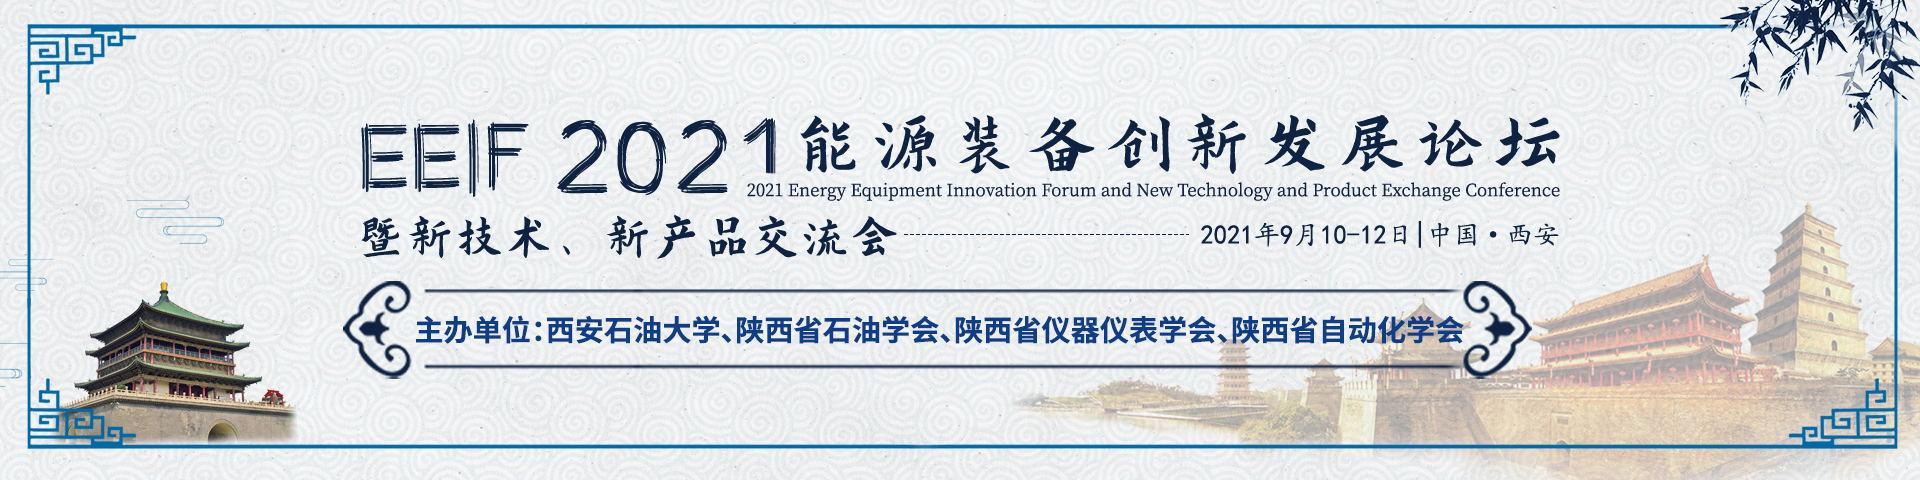 9月西安-EEIF 2021-banner中-何霞丽-20210622_看图王.jpg